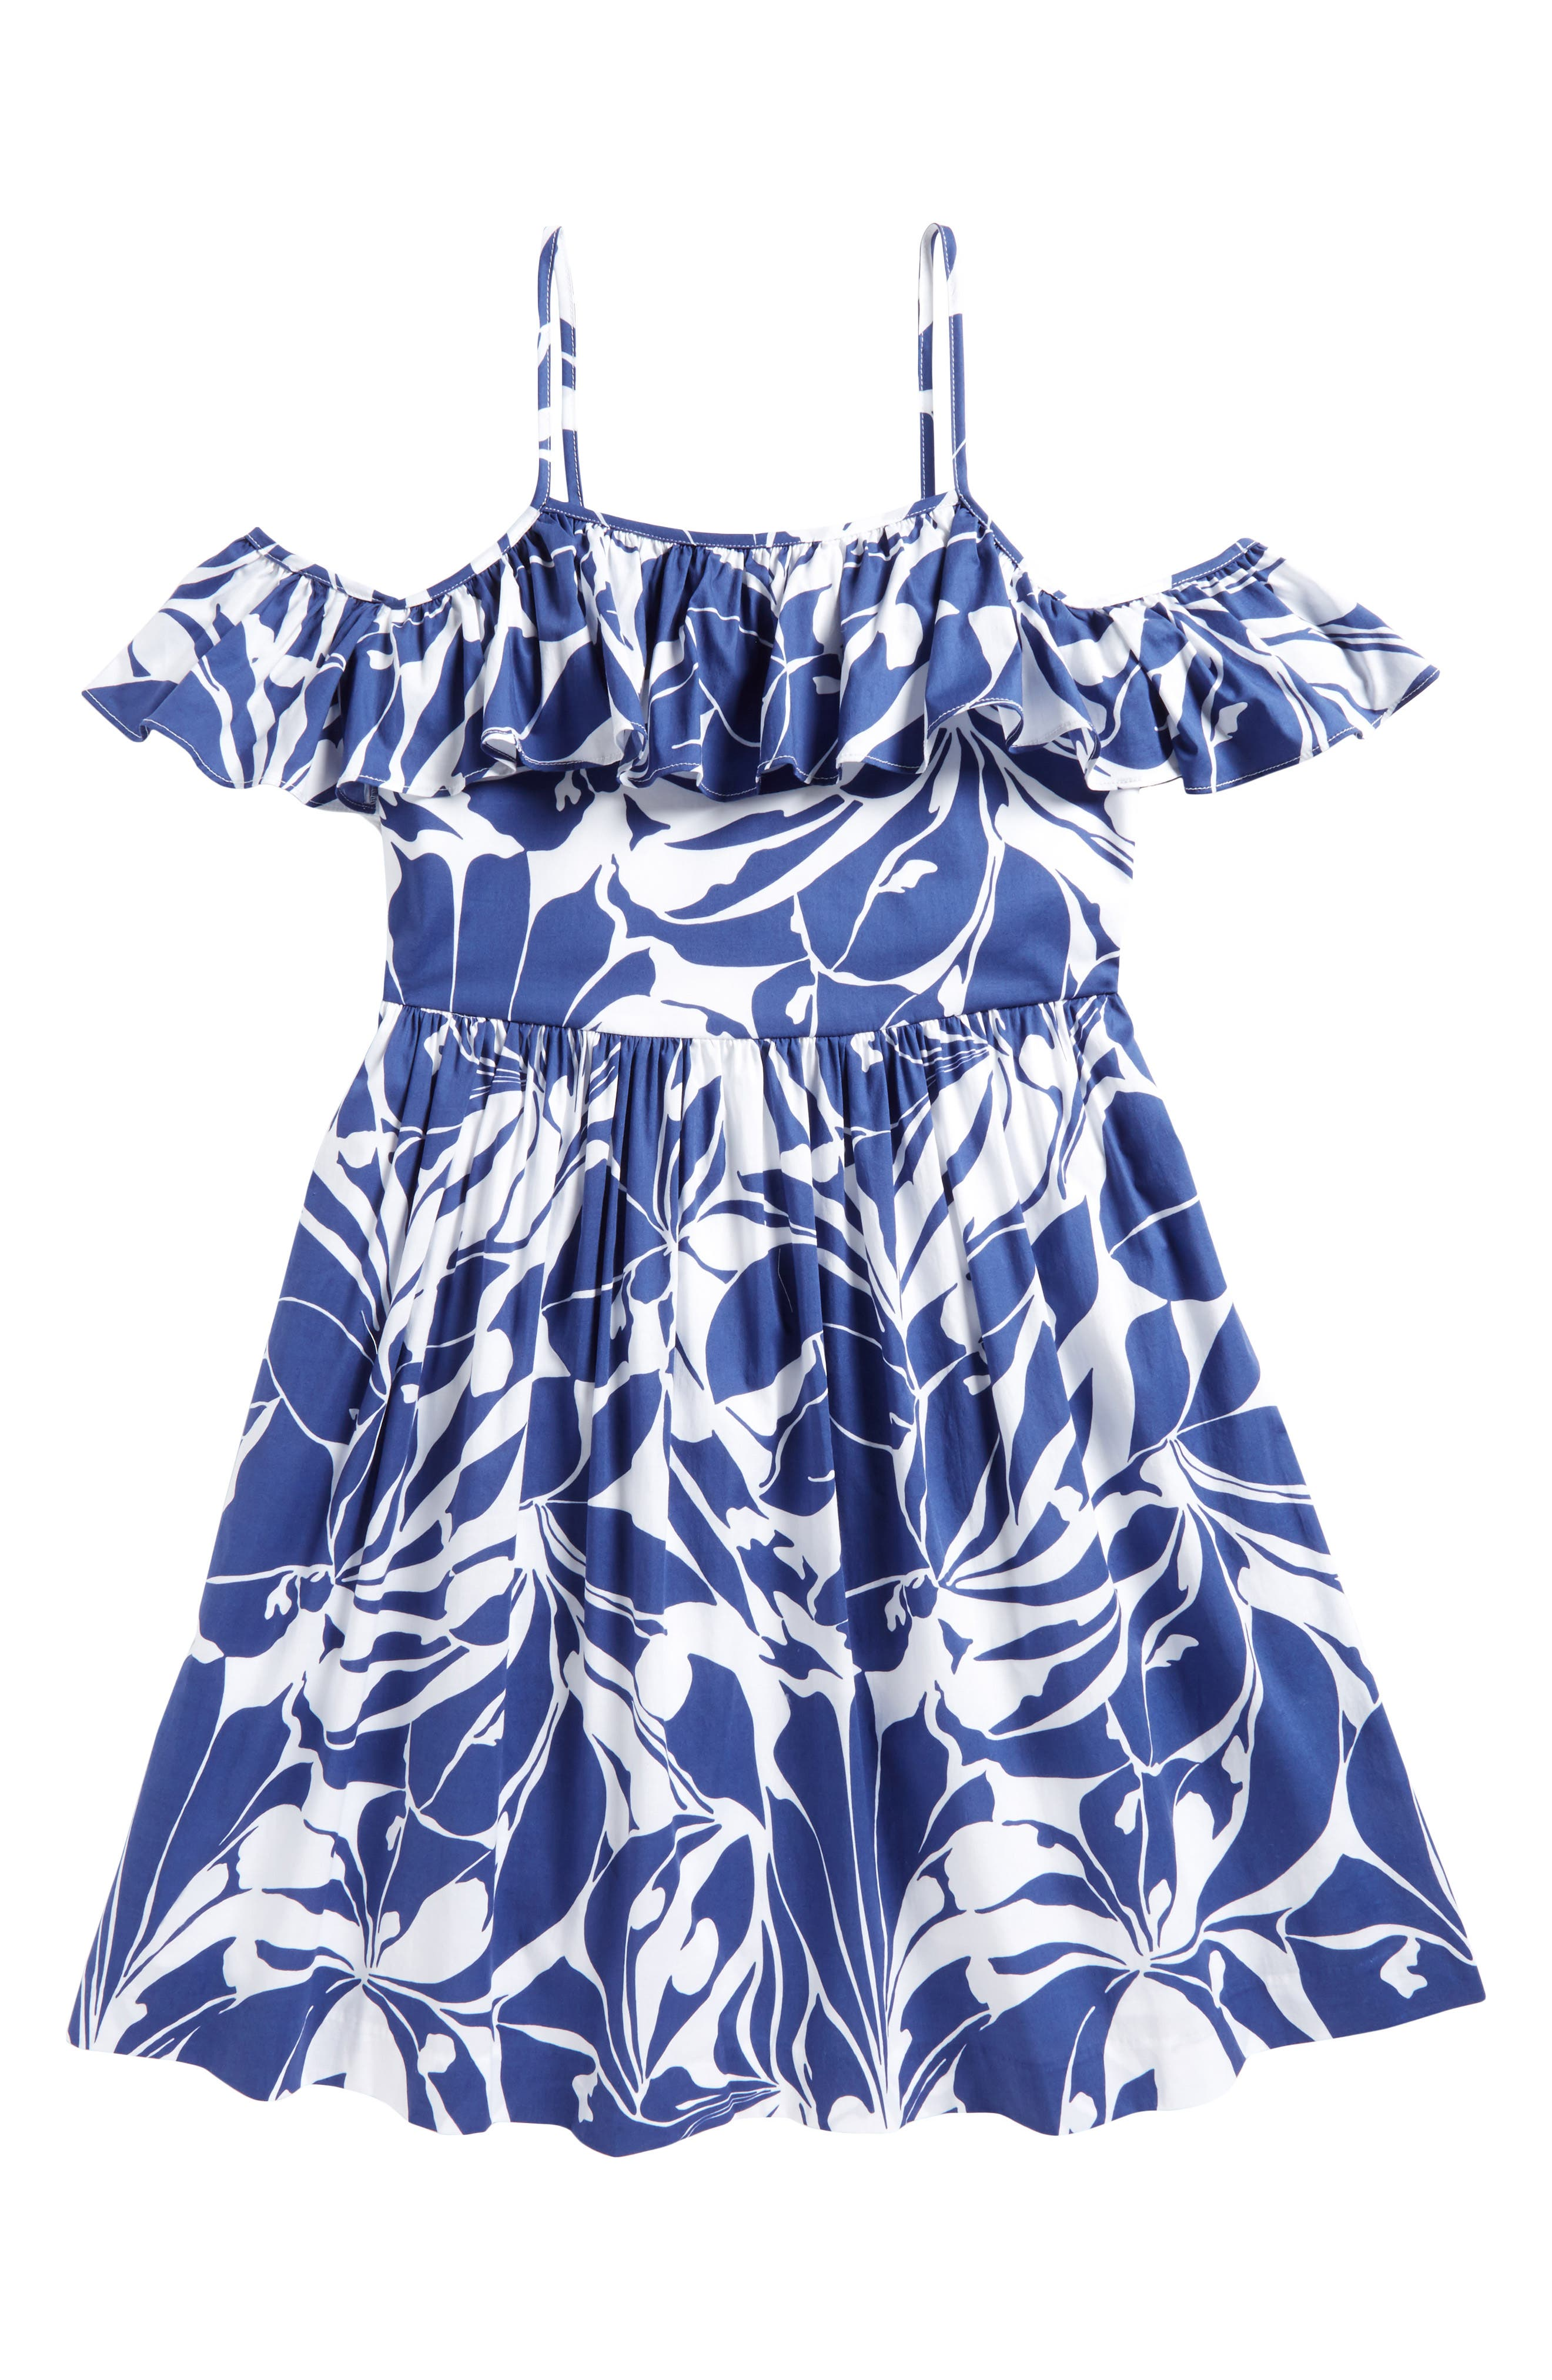 Alternate Image 1 Selected - Milly Minis Bella Cold Shoulder Dress (Big Girls)